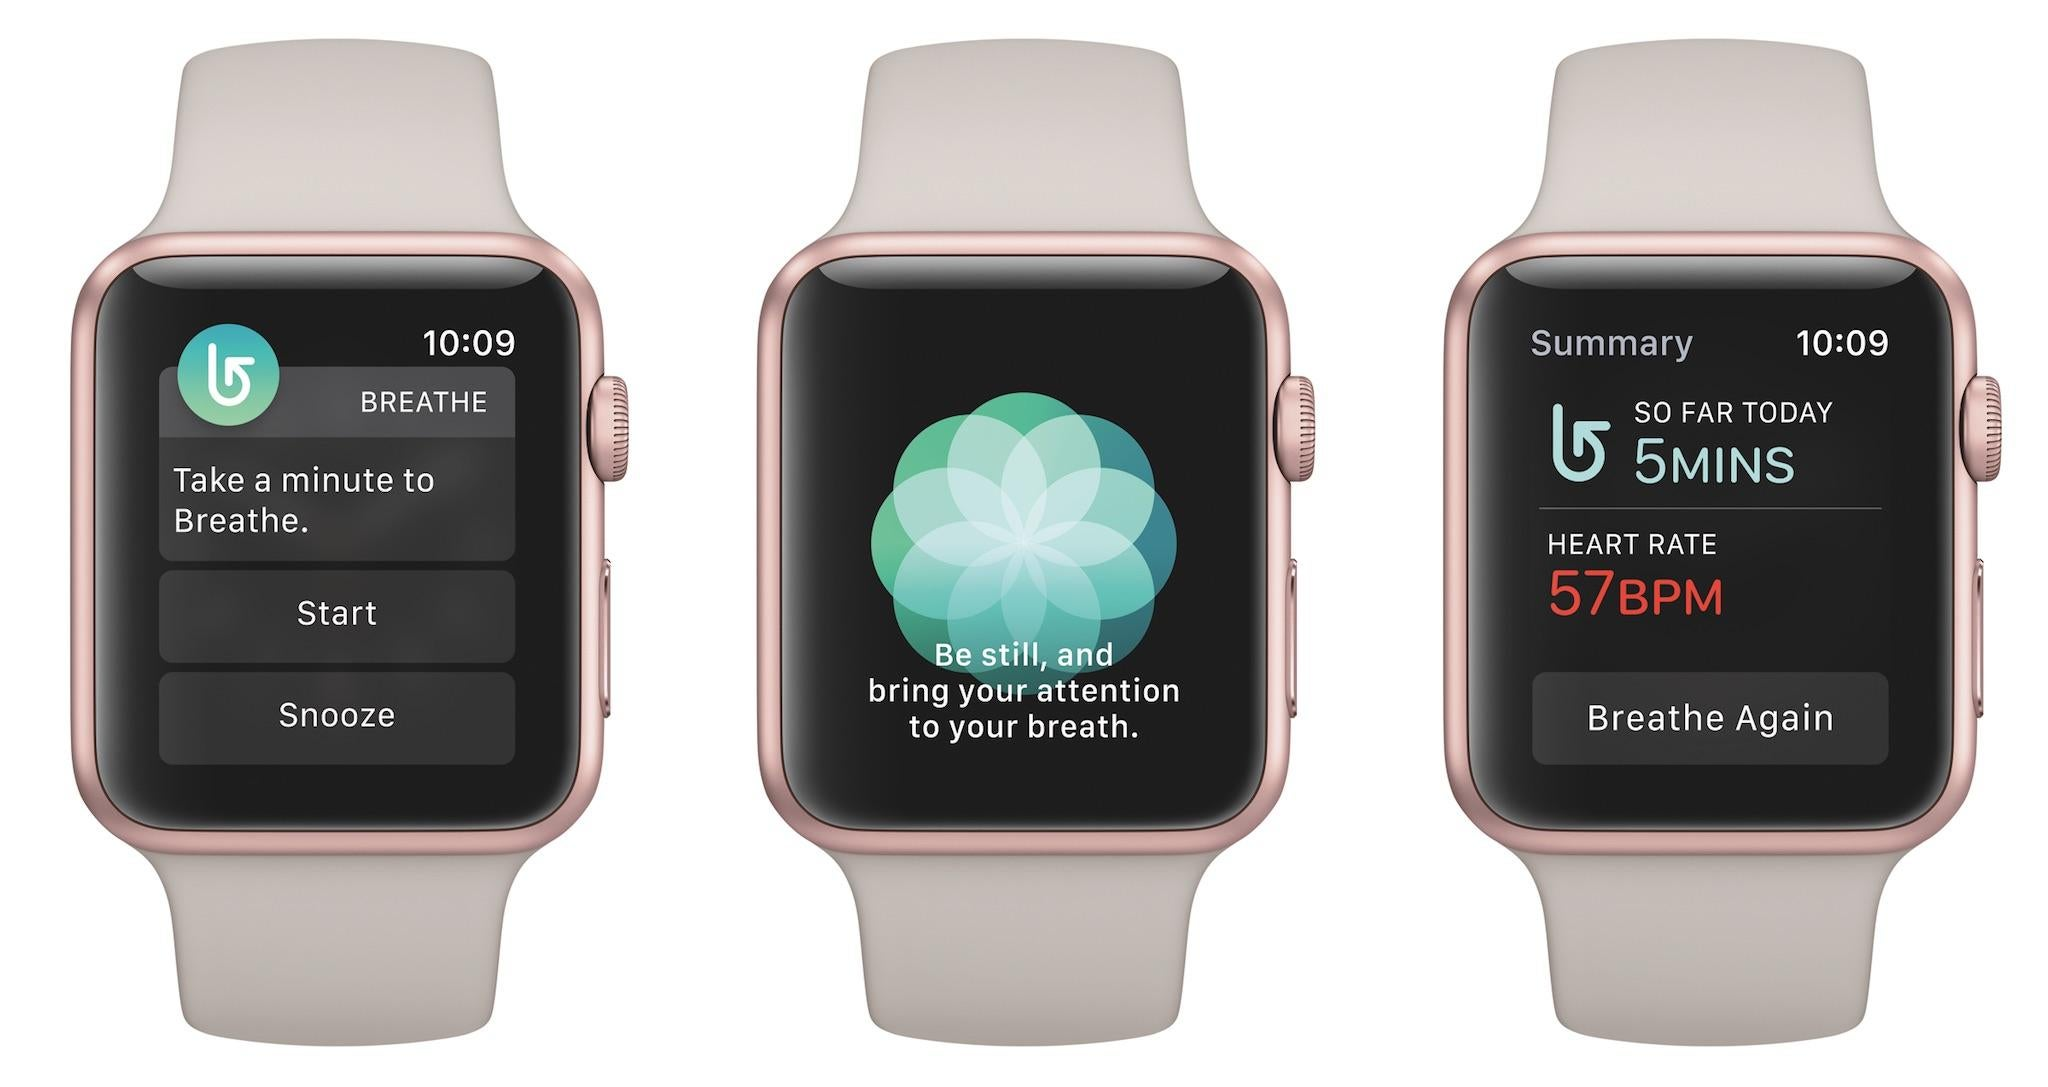 Apple Watch app 'Breathe' is designed